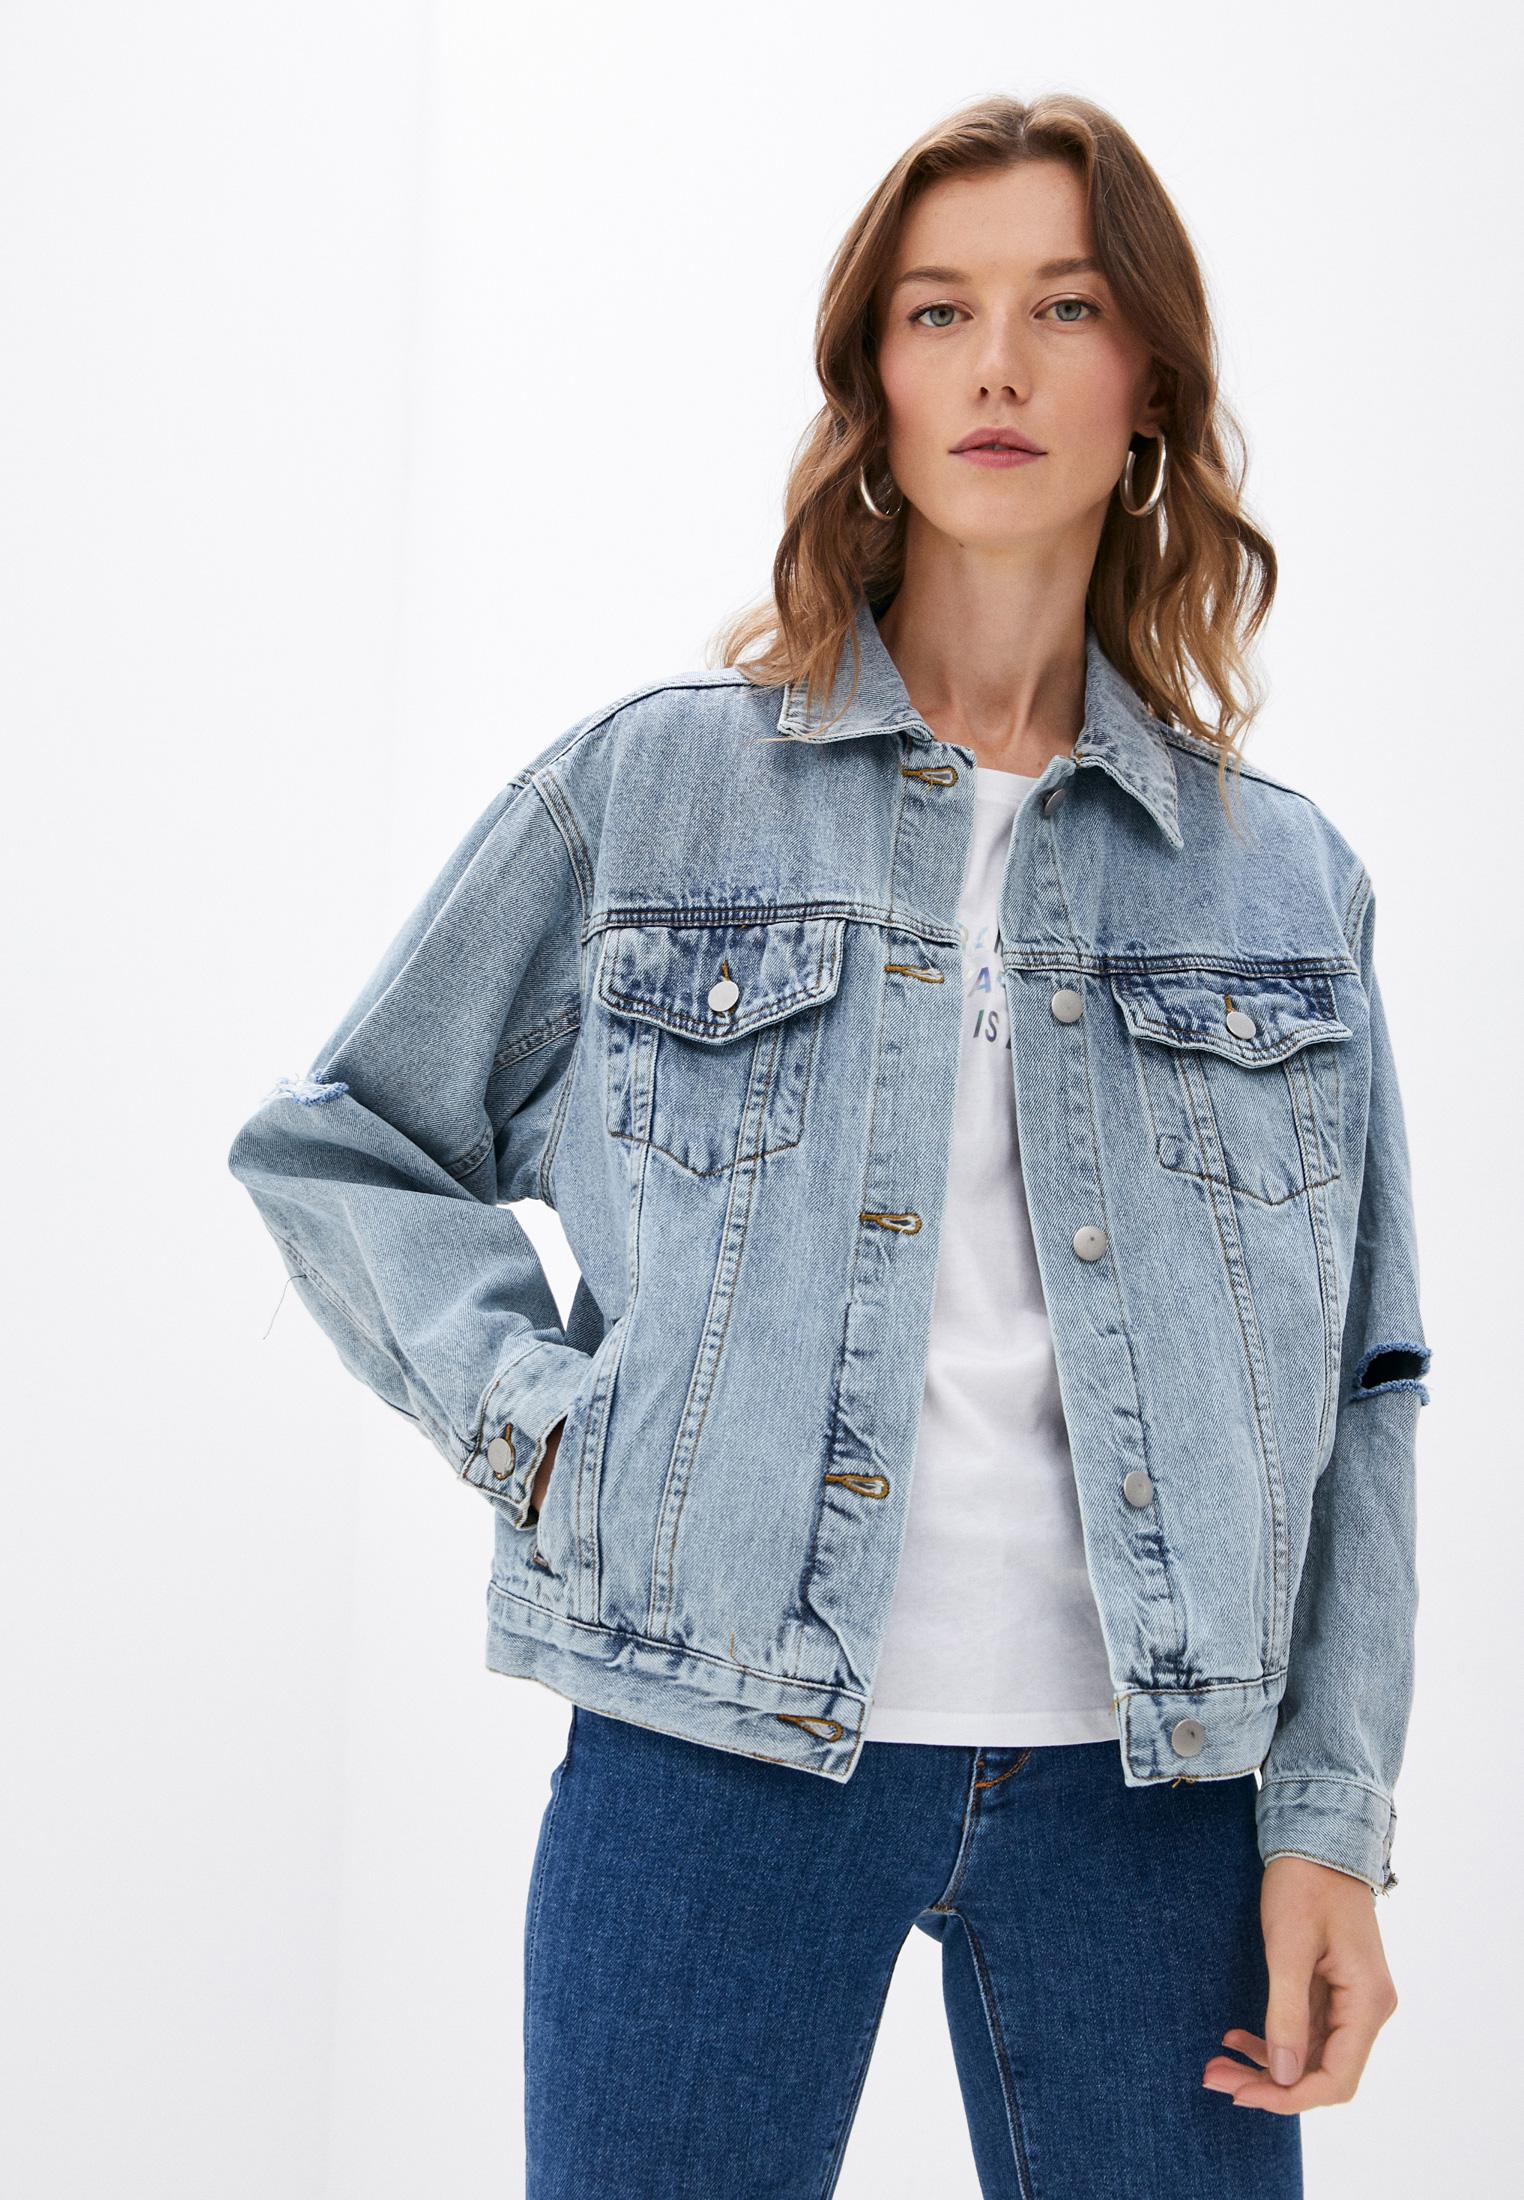 Джинсовая куртка MISSGUIDED Куртка джинсовая Missguided